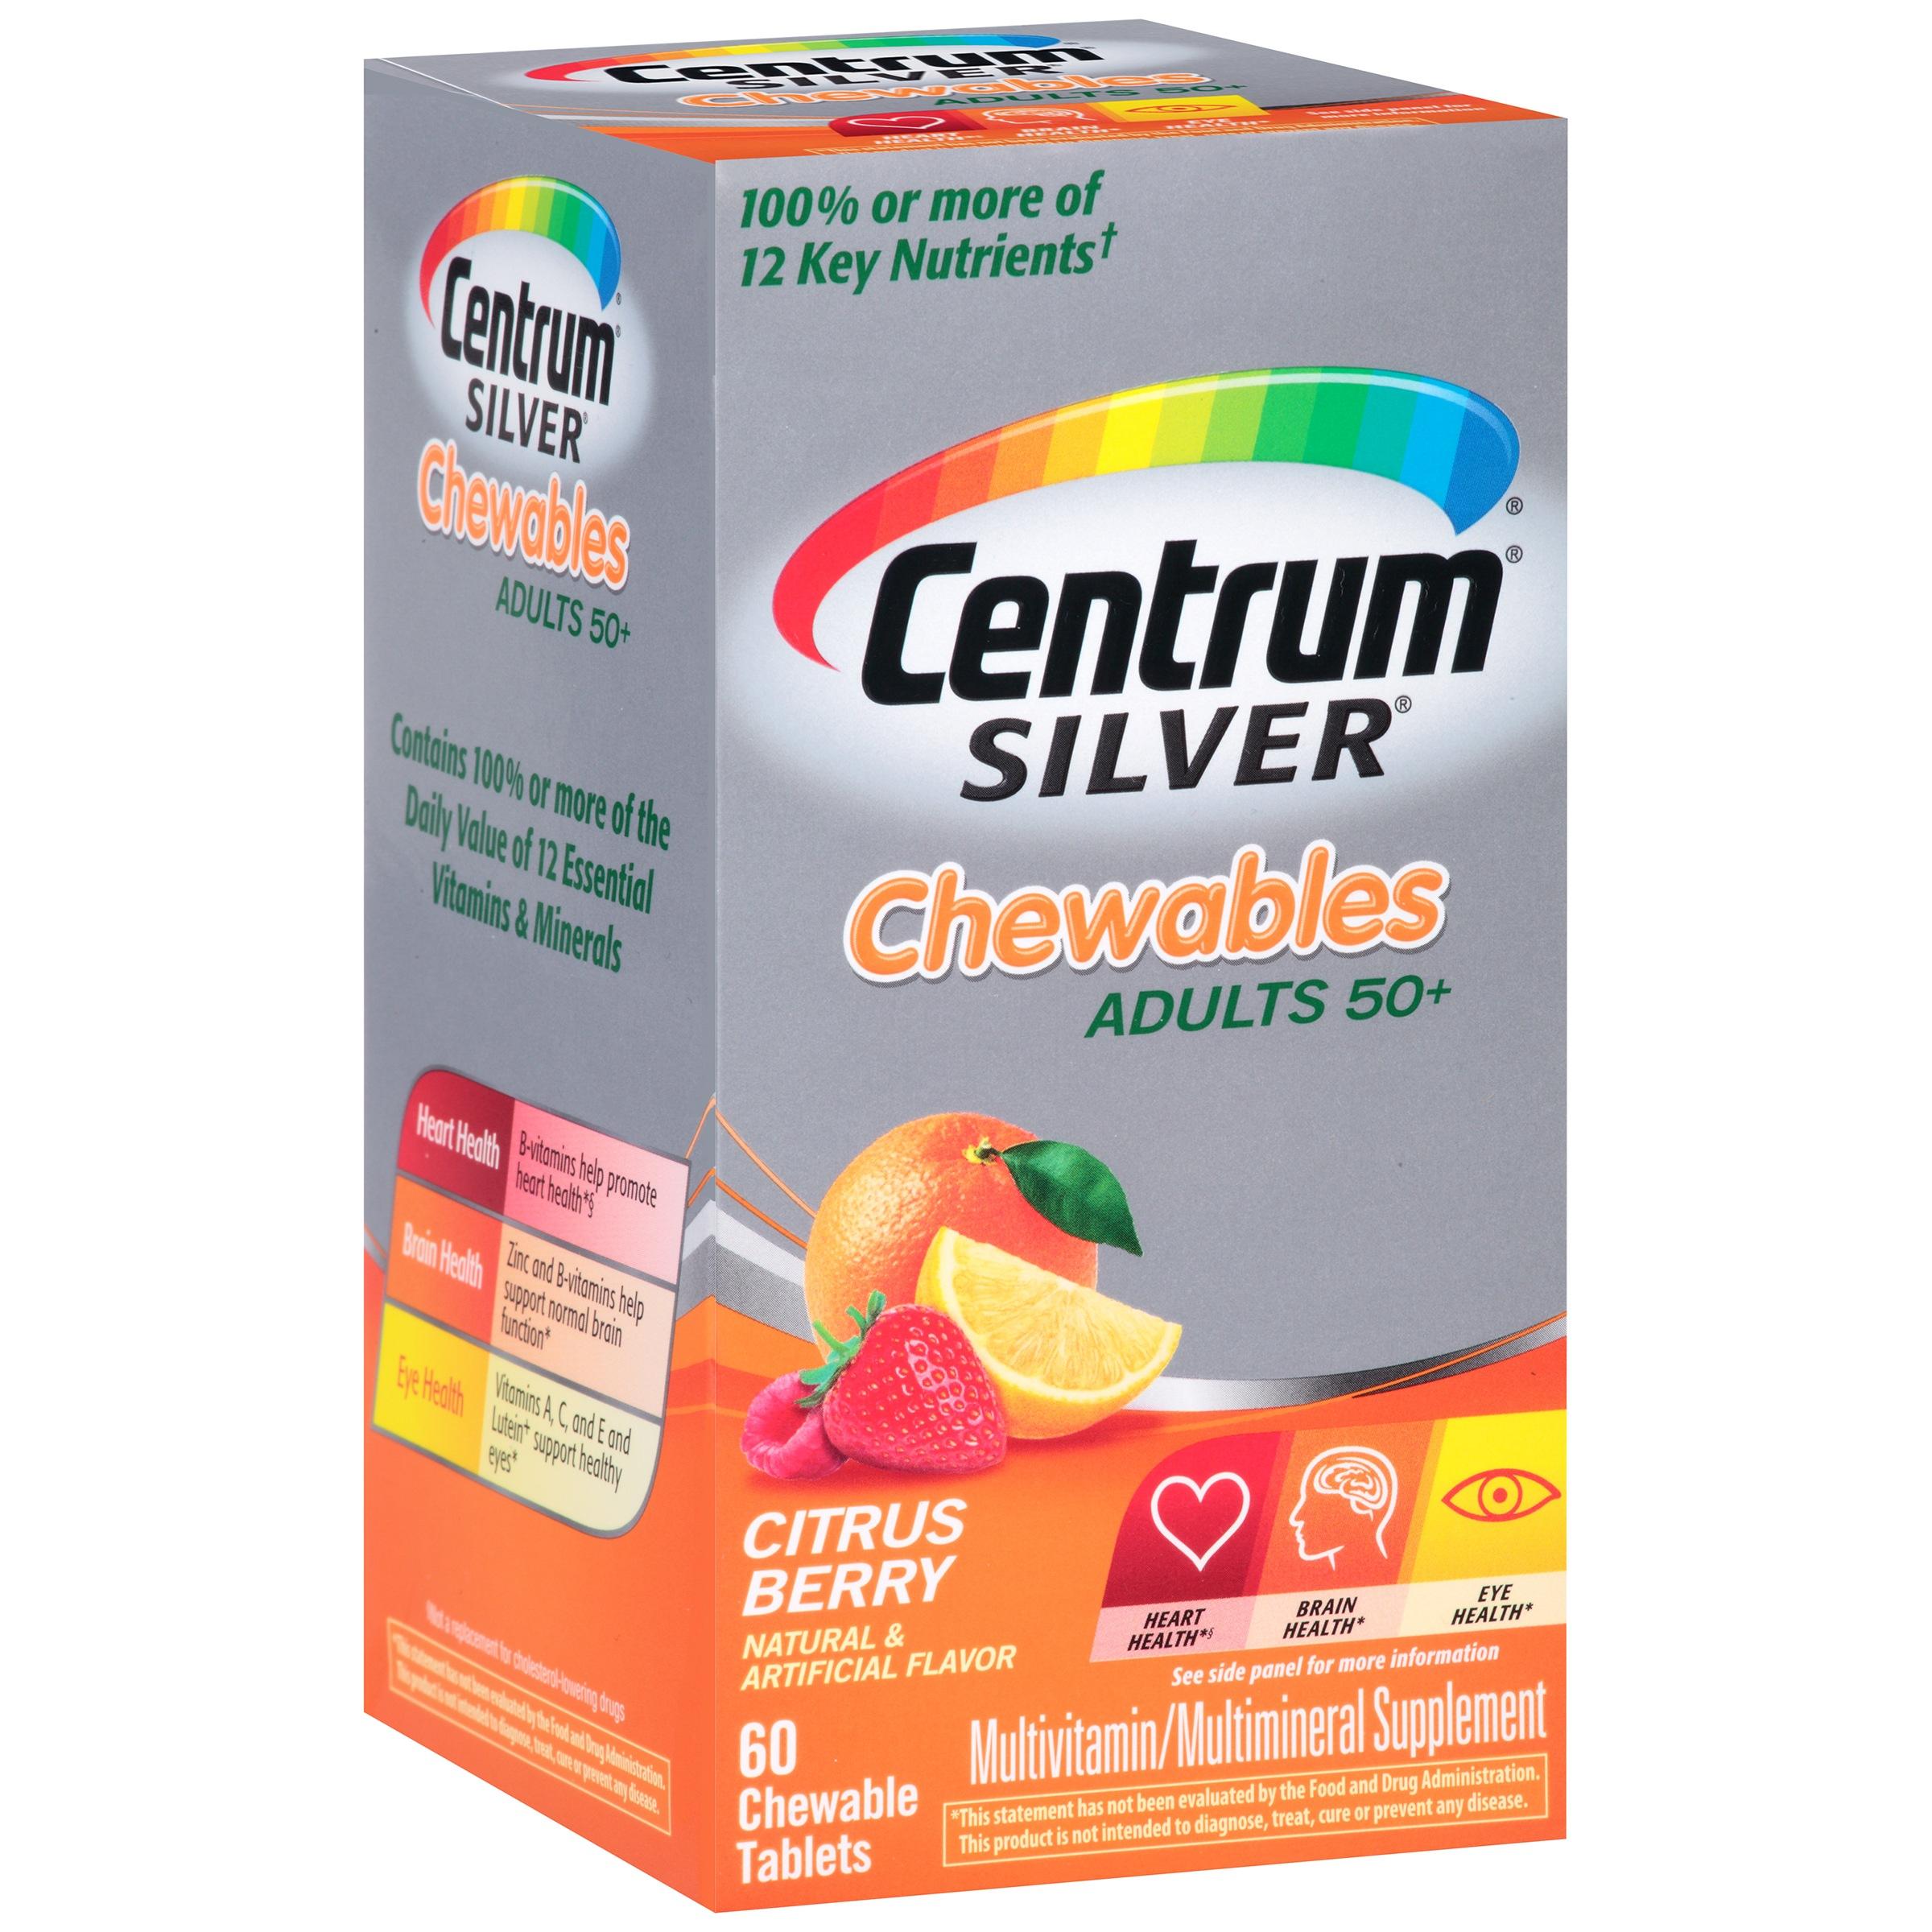 Centrum Silver Adult 50+ Multivitamin Chewables, Citrus Berry Flavor, 60 ct